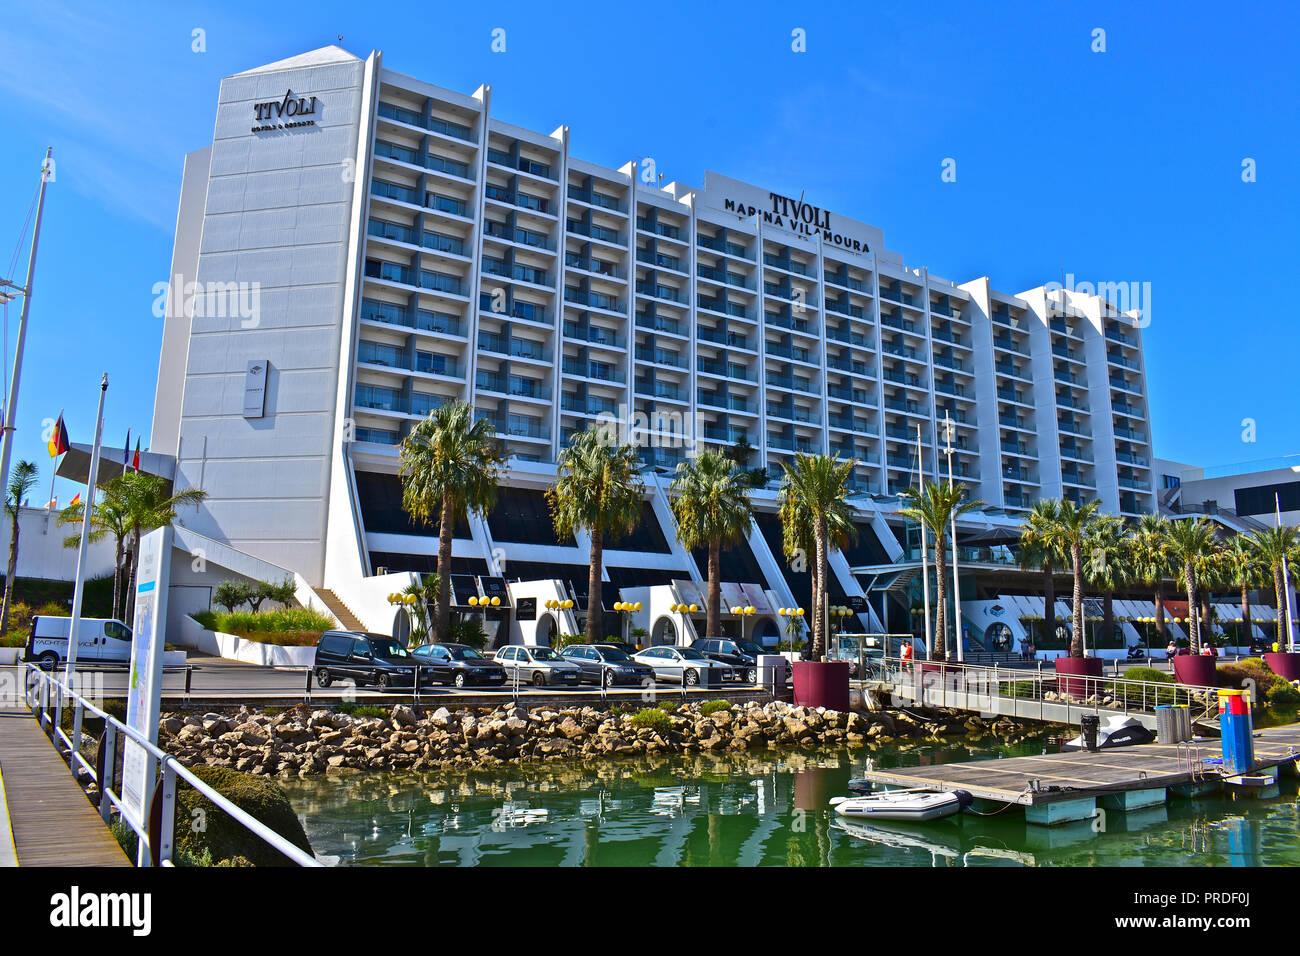 Das 5 Sterne Hotel Tivoli Marina Vilamoura Blickt Auf Das Meer Auf